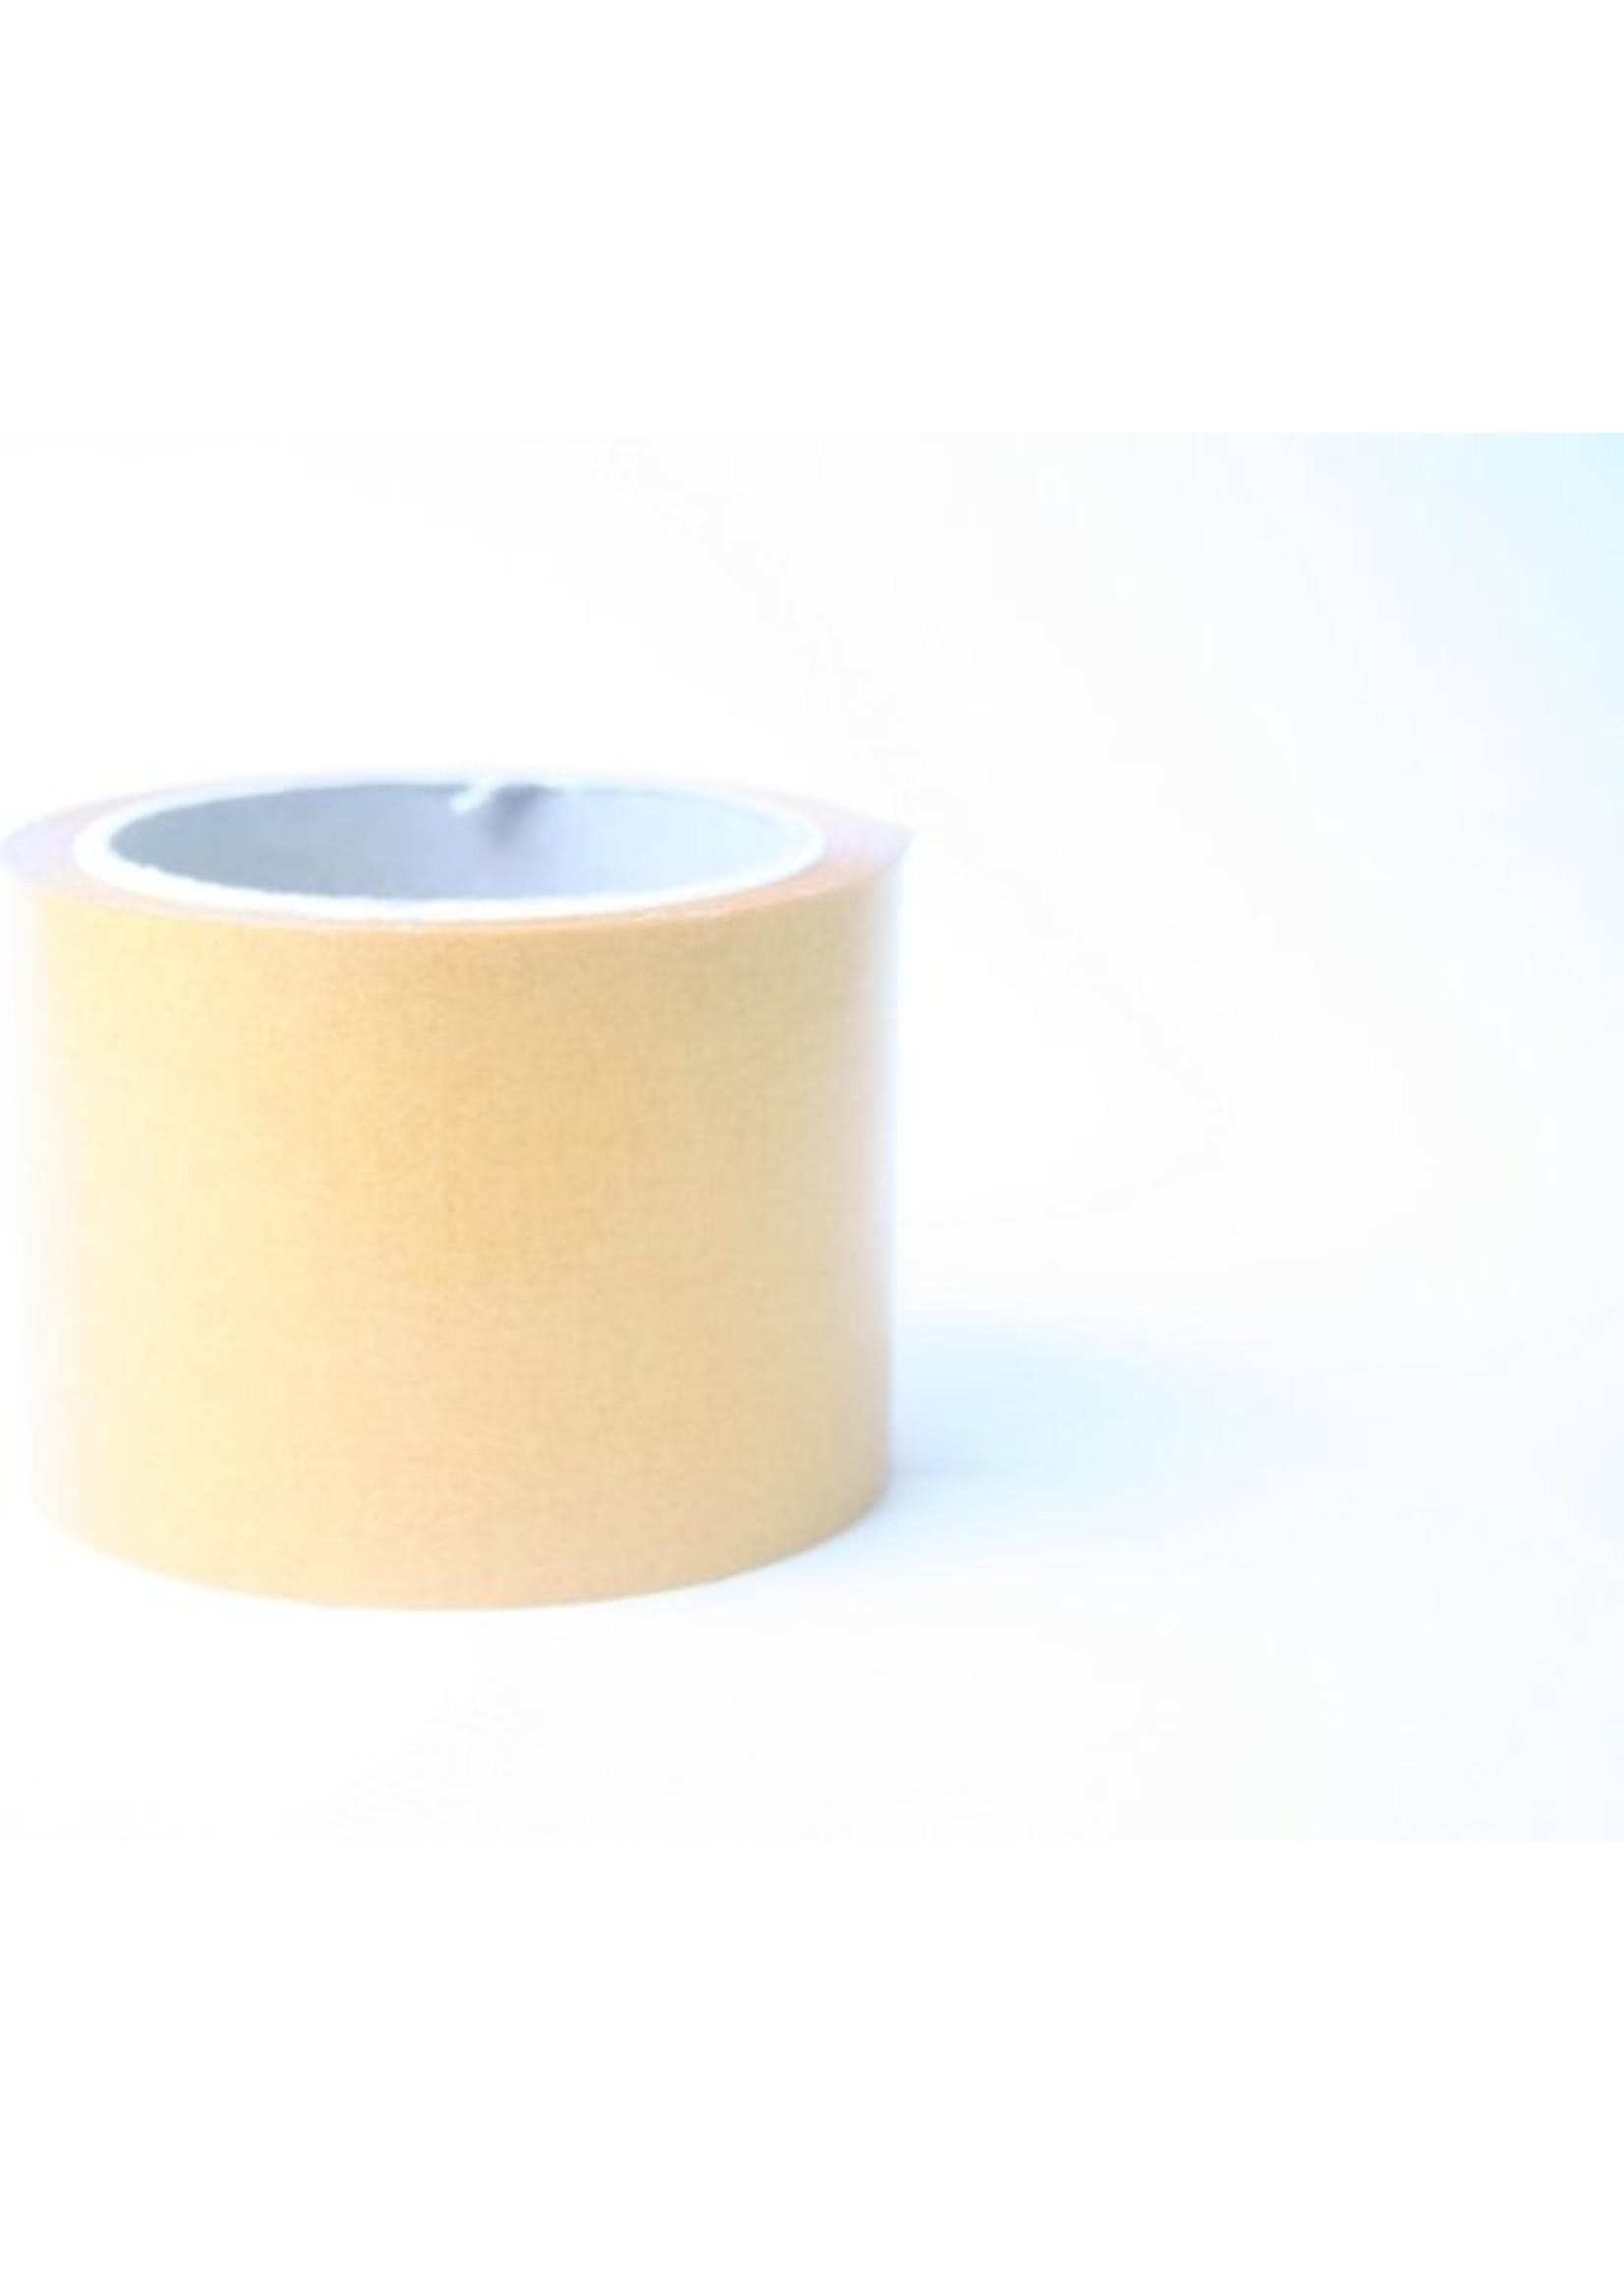 Dubbelzijdige tape versterkt met katoendrager 72mmx5m